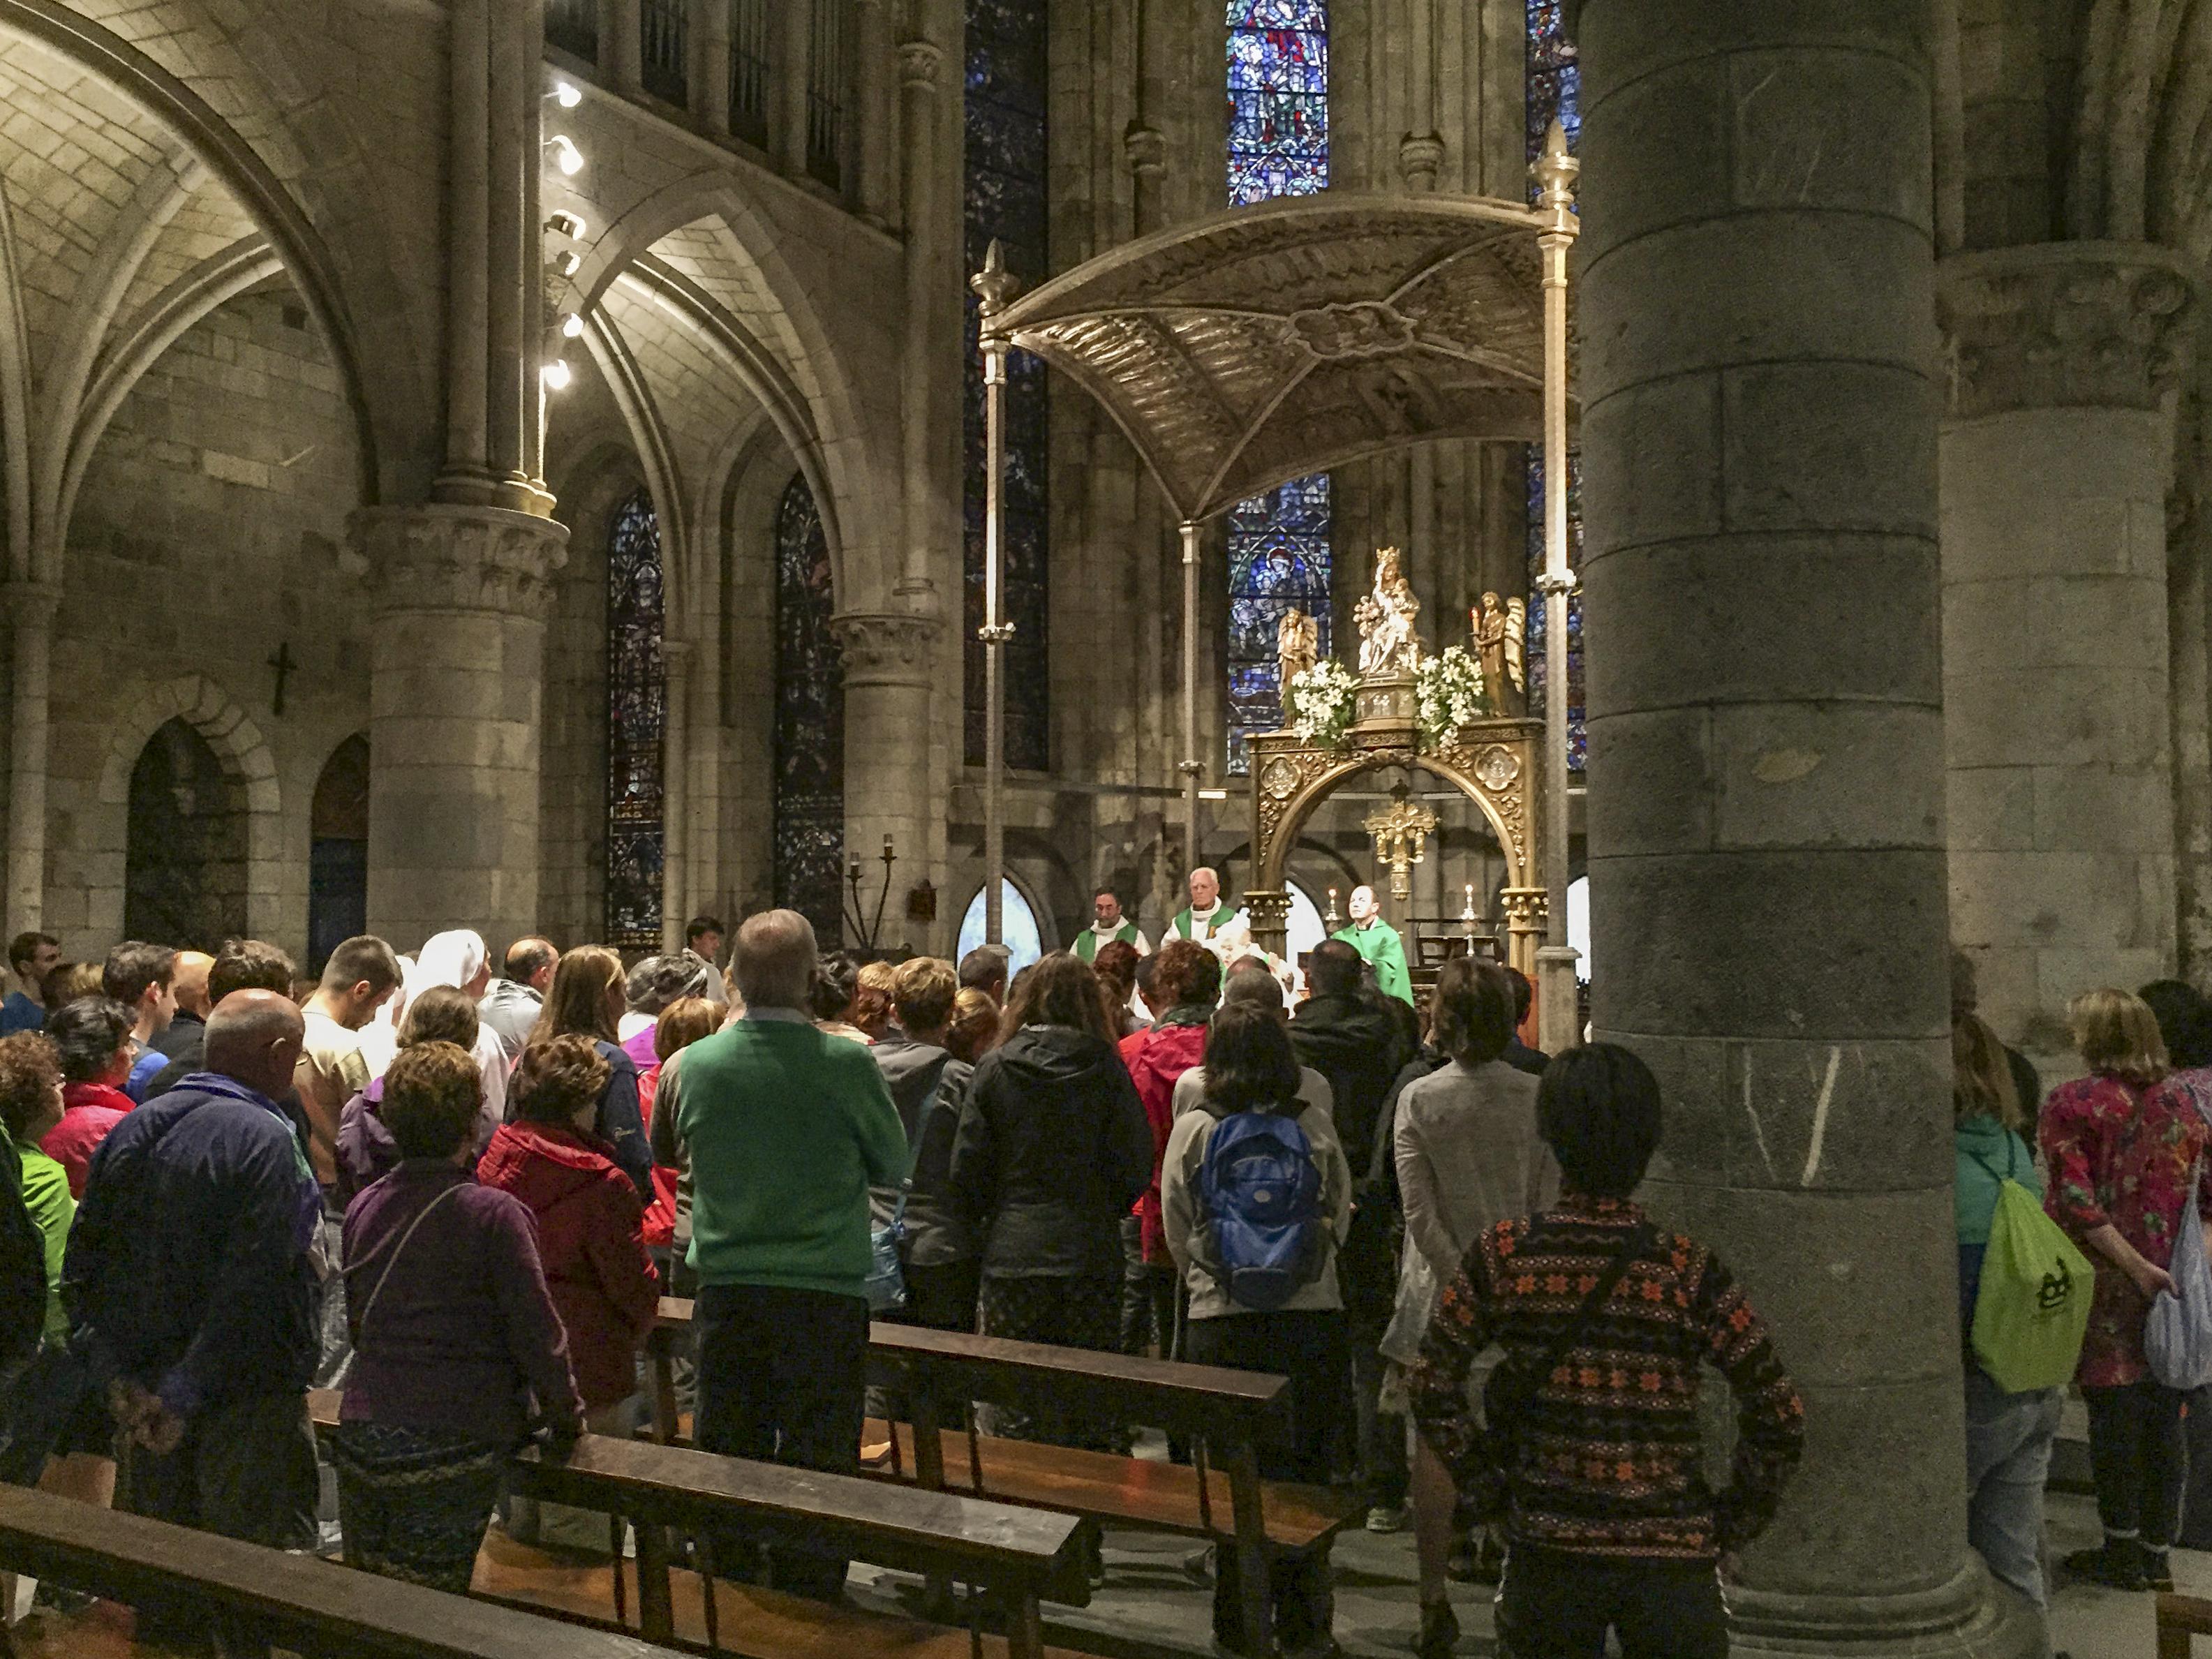 Pilgrim's Blessing Mass in Roncesvalles